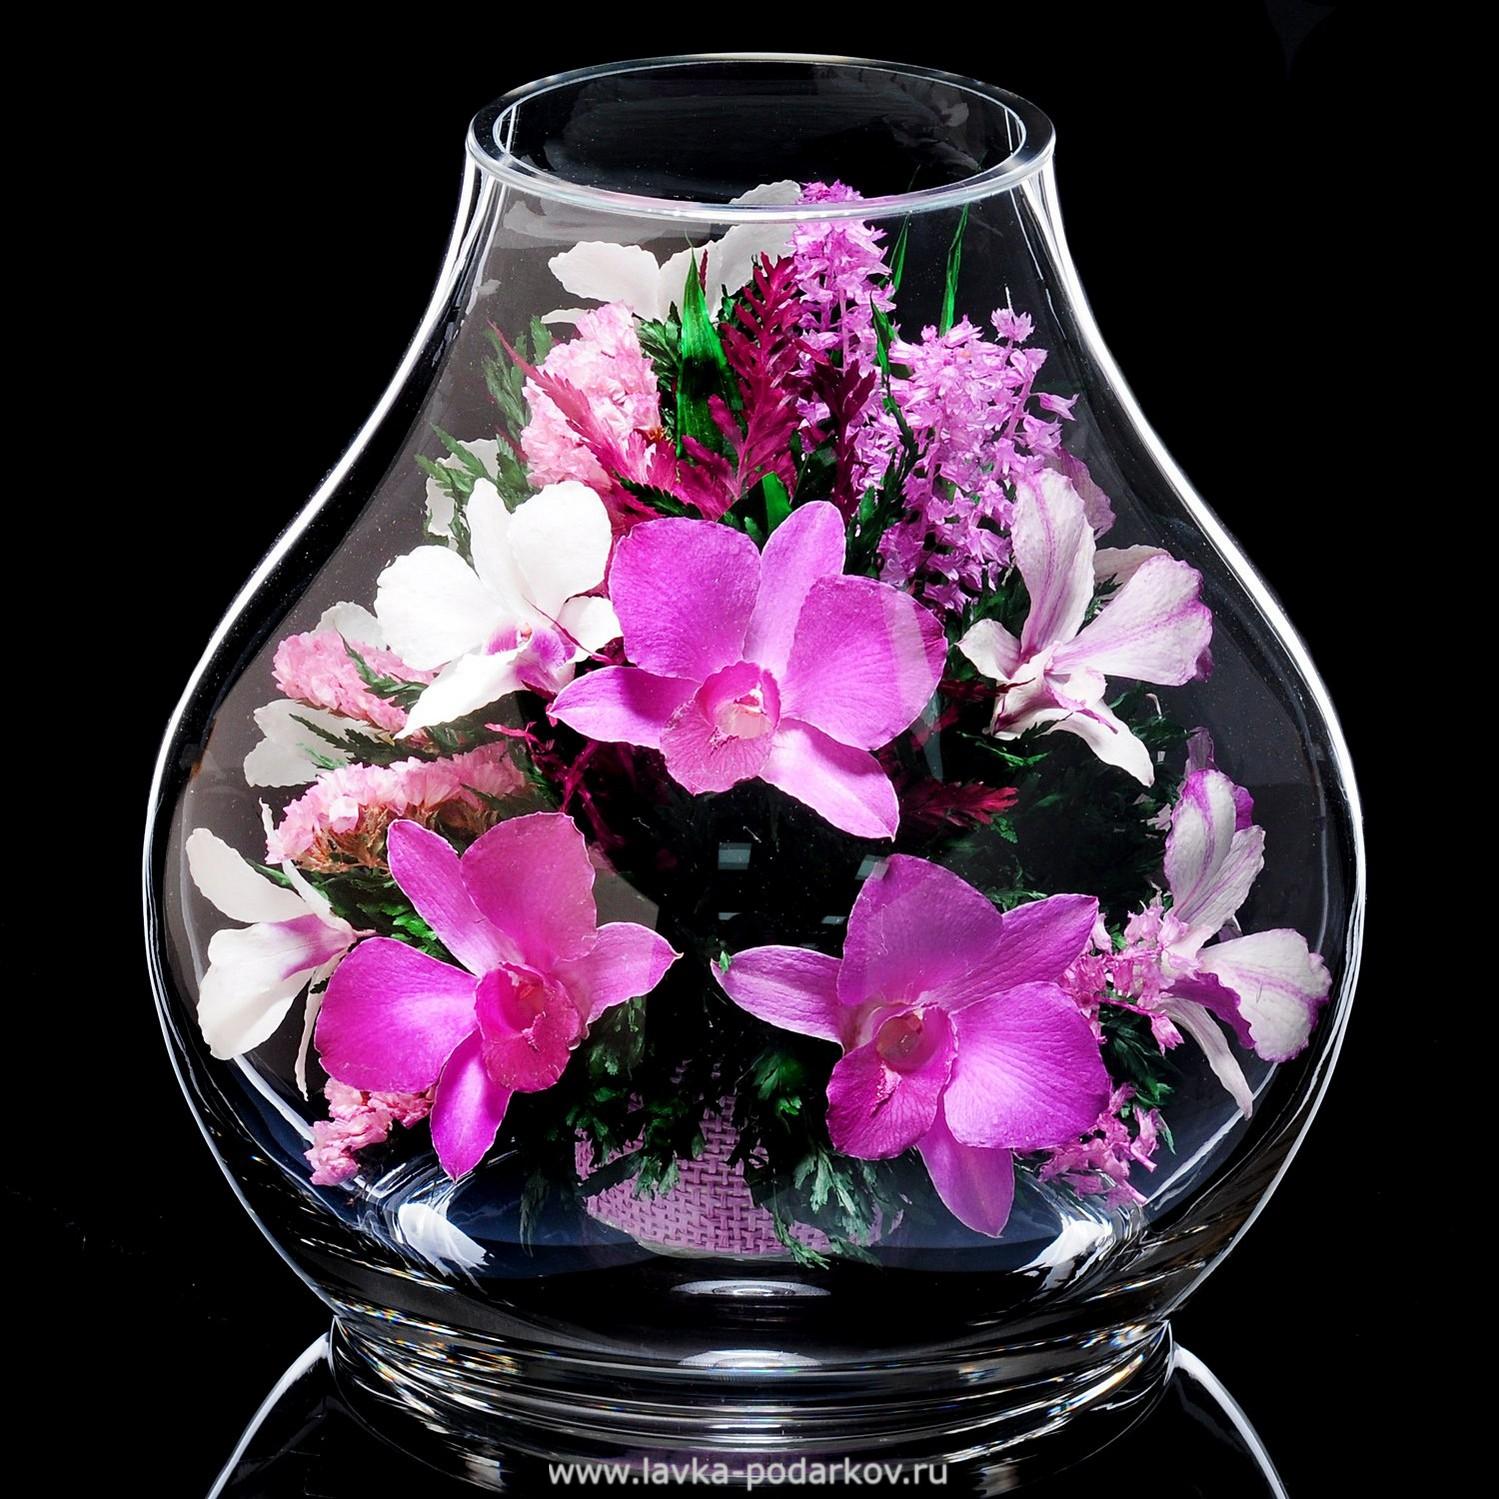 В нижнем живые цветы и подарки оптом